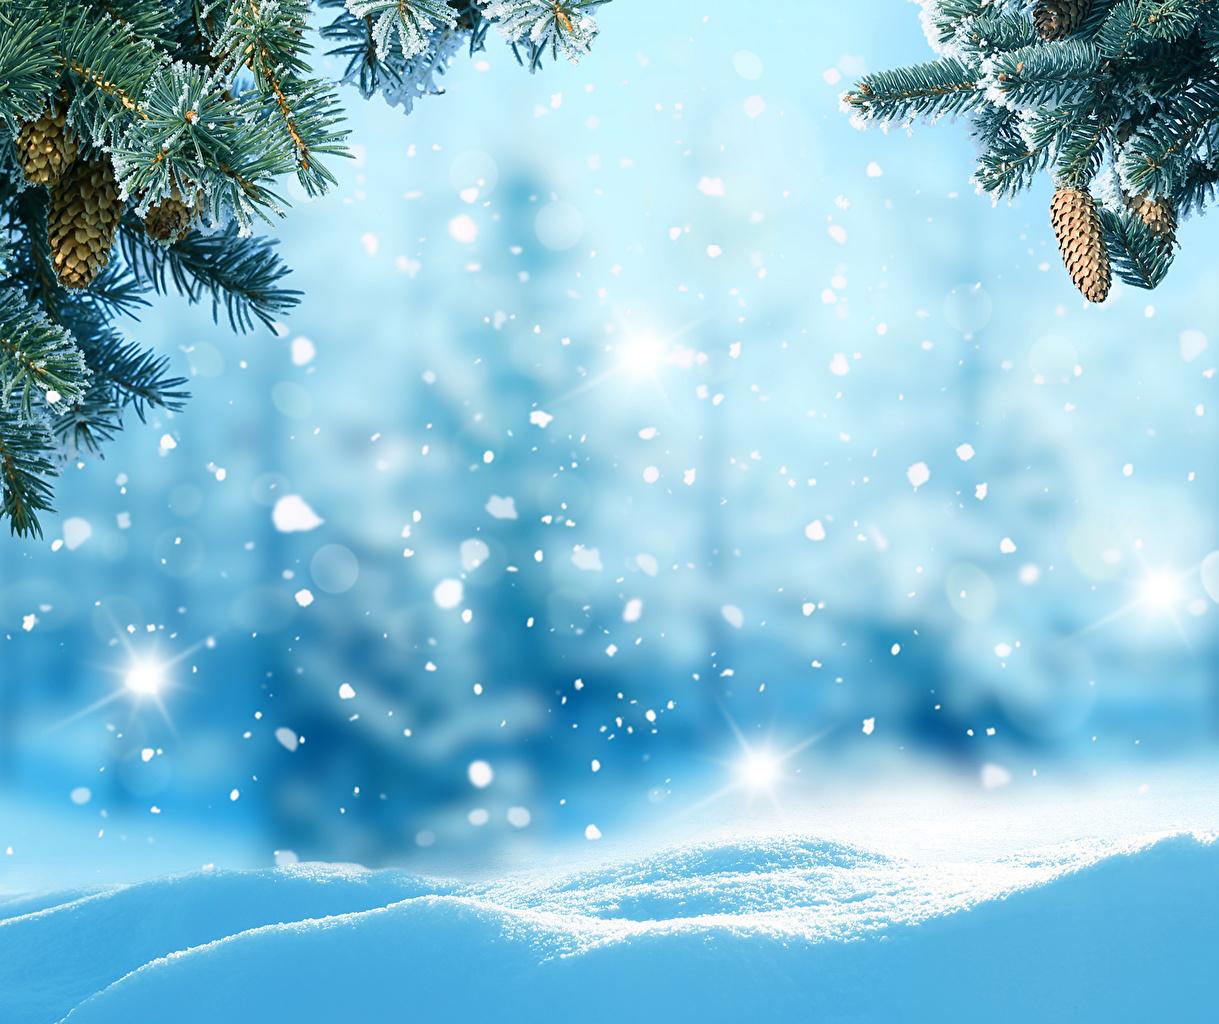 Картинки на рабочий стол зимы красивые (14)